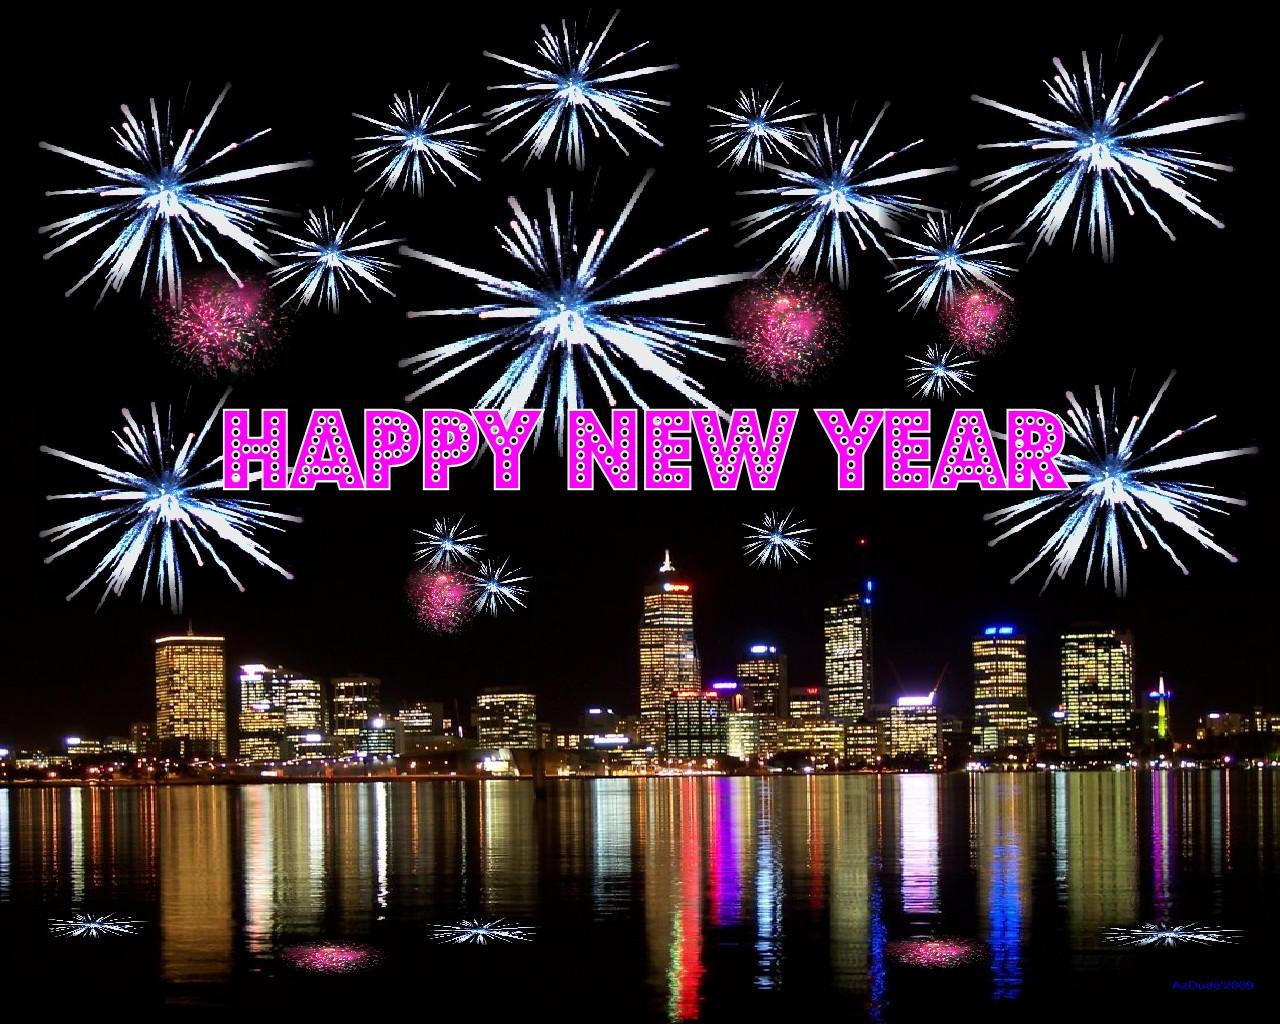 Happy New Year by AzDude